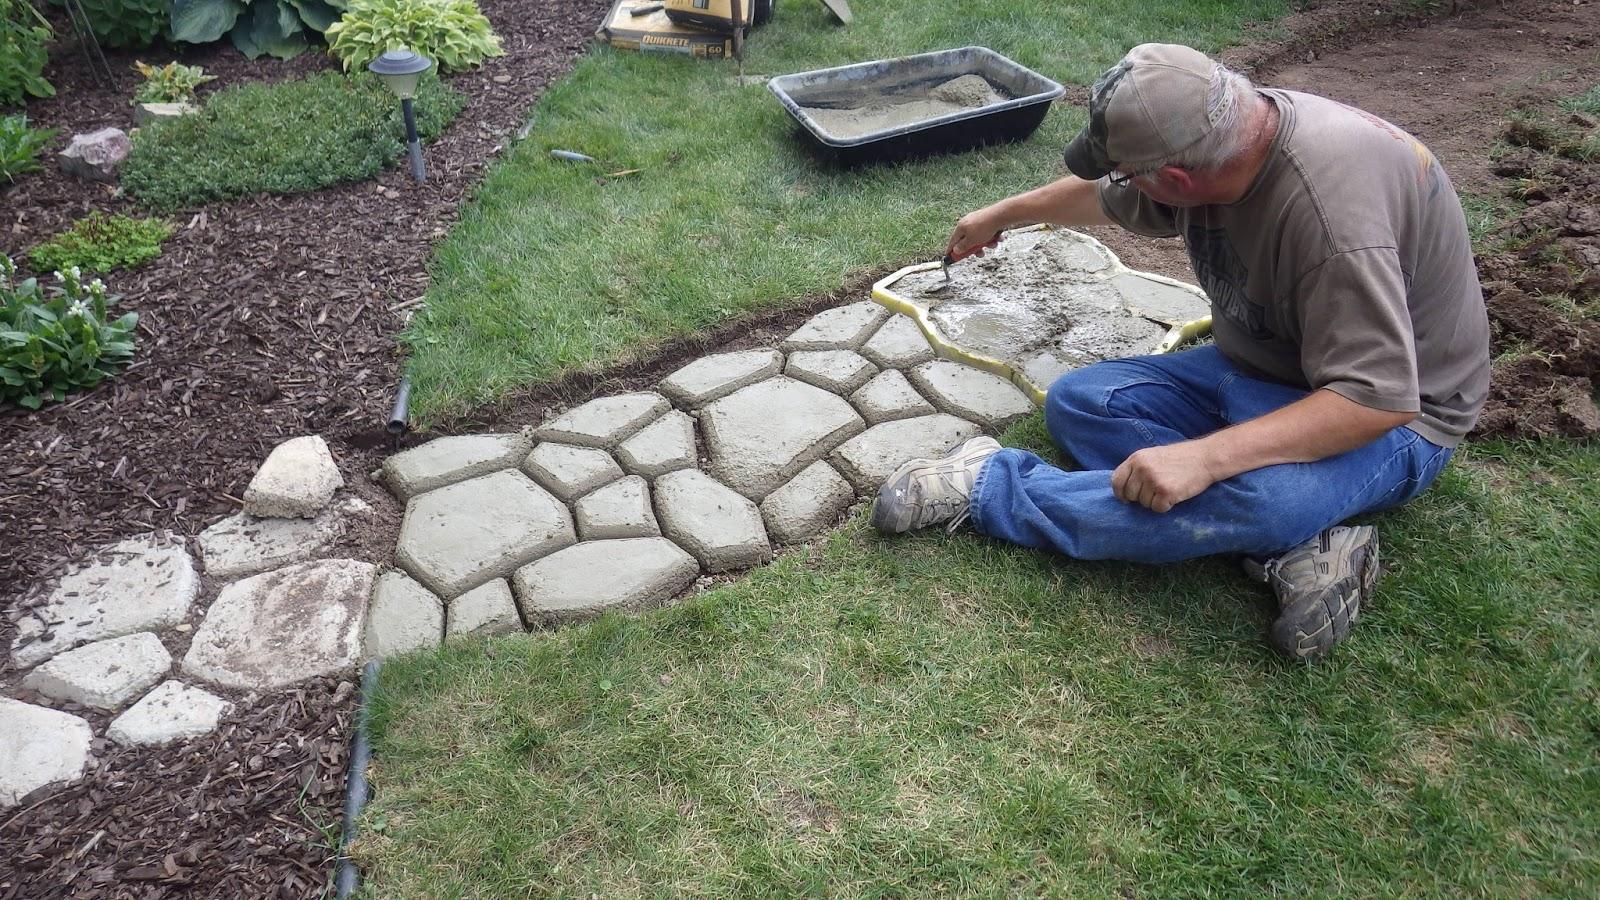 Дорожки на даче и садовые дорожки: как сделать своими руками 55